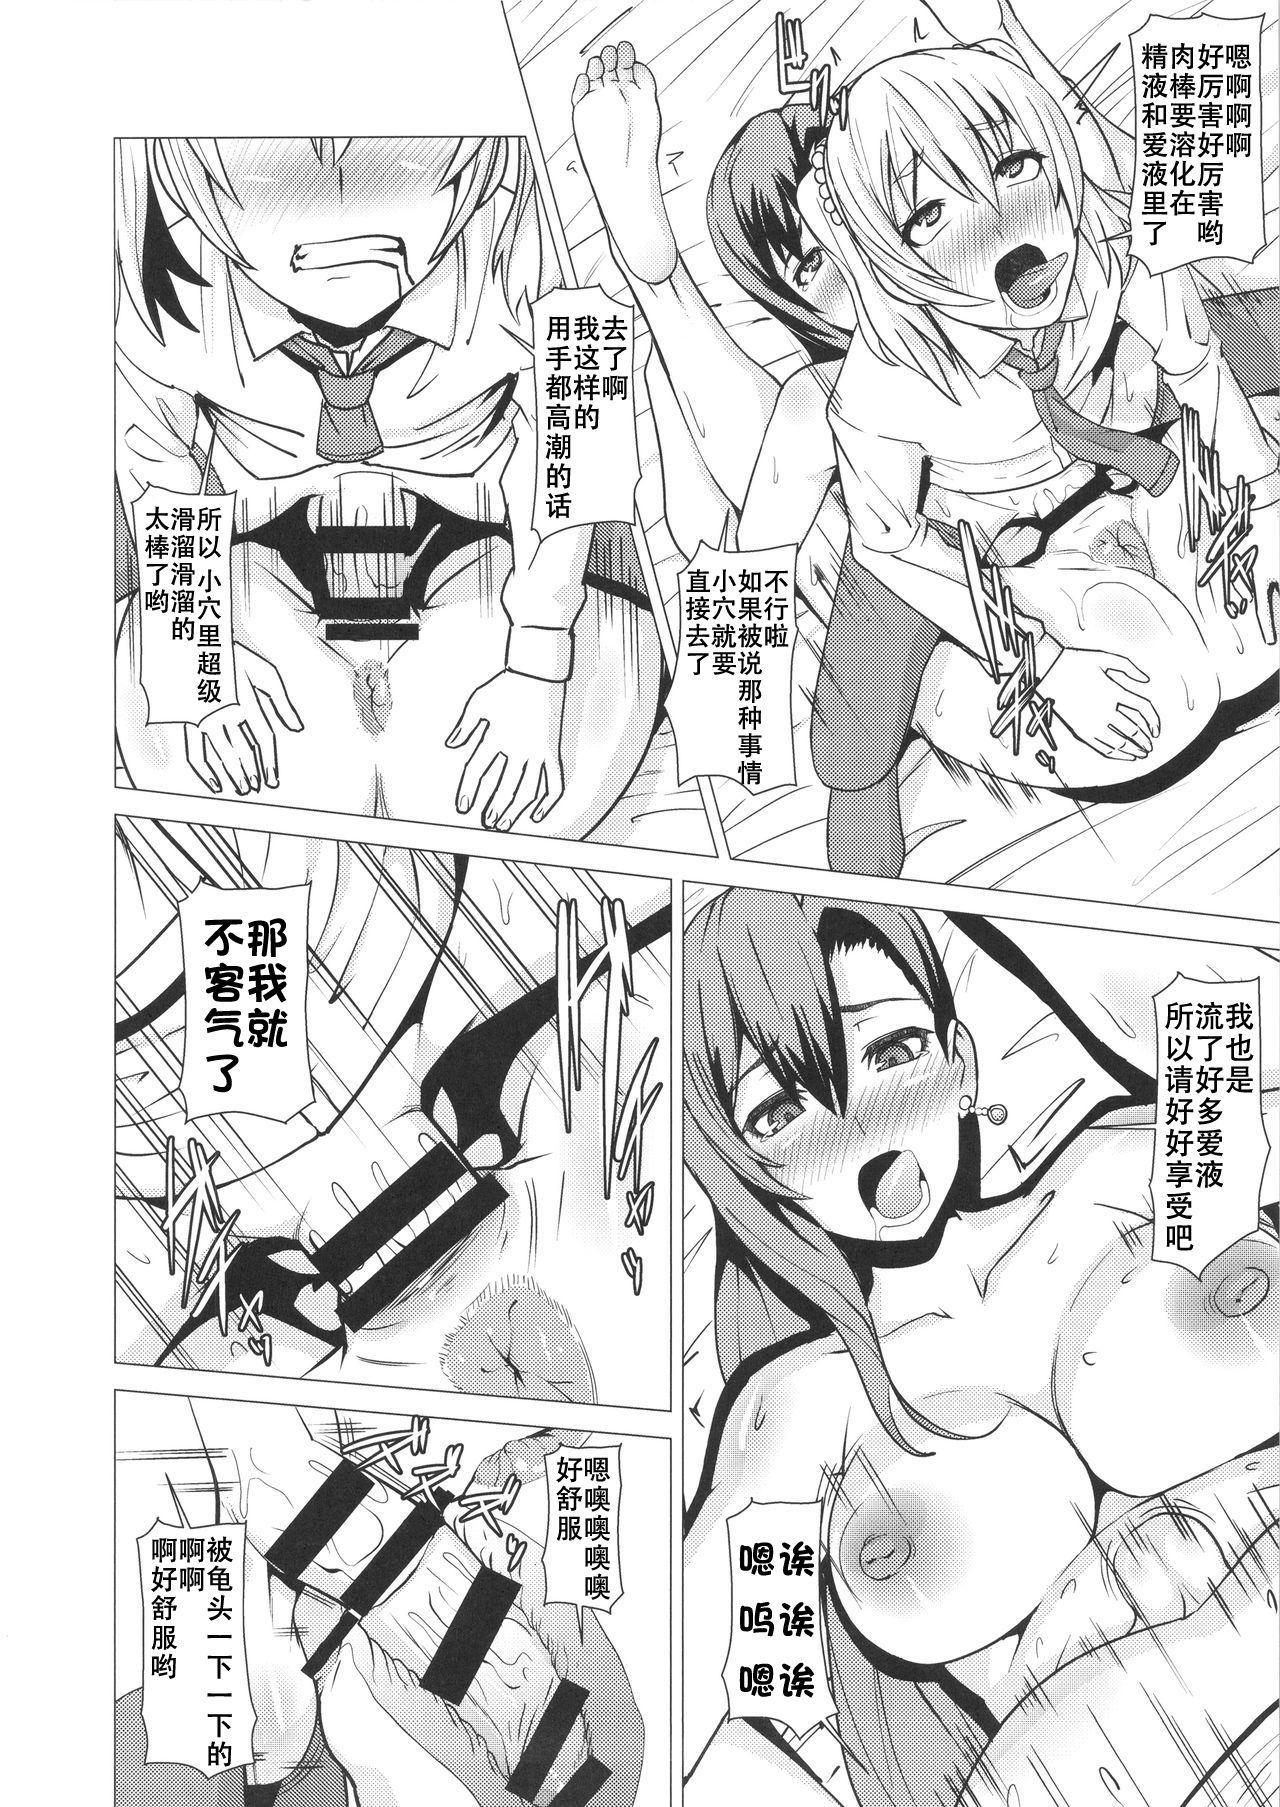 Inran Body no Ayatsuri Ningyou 24